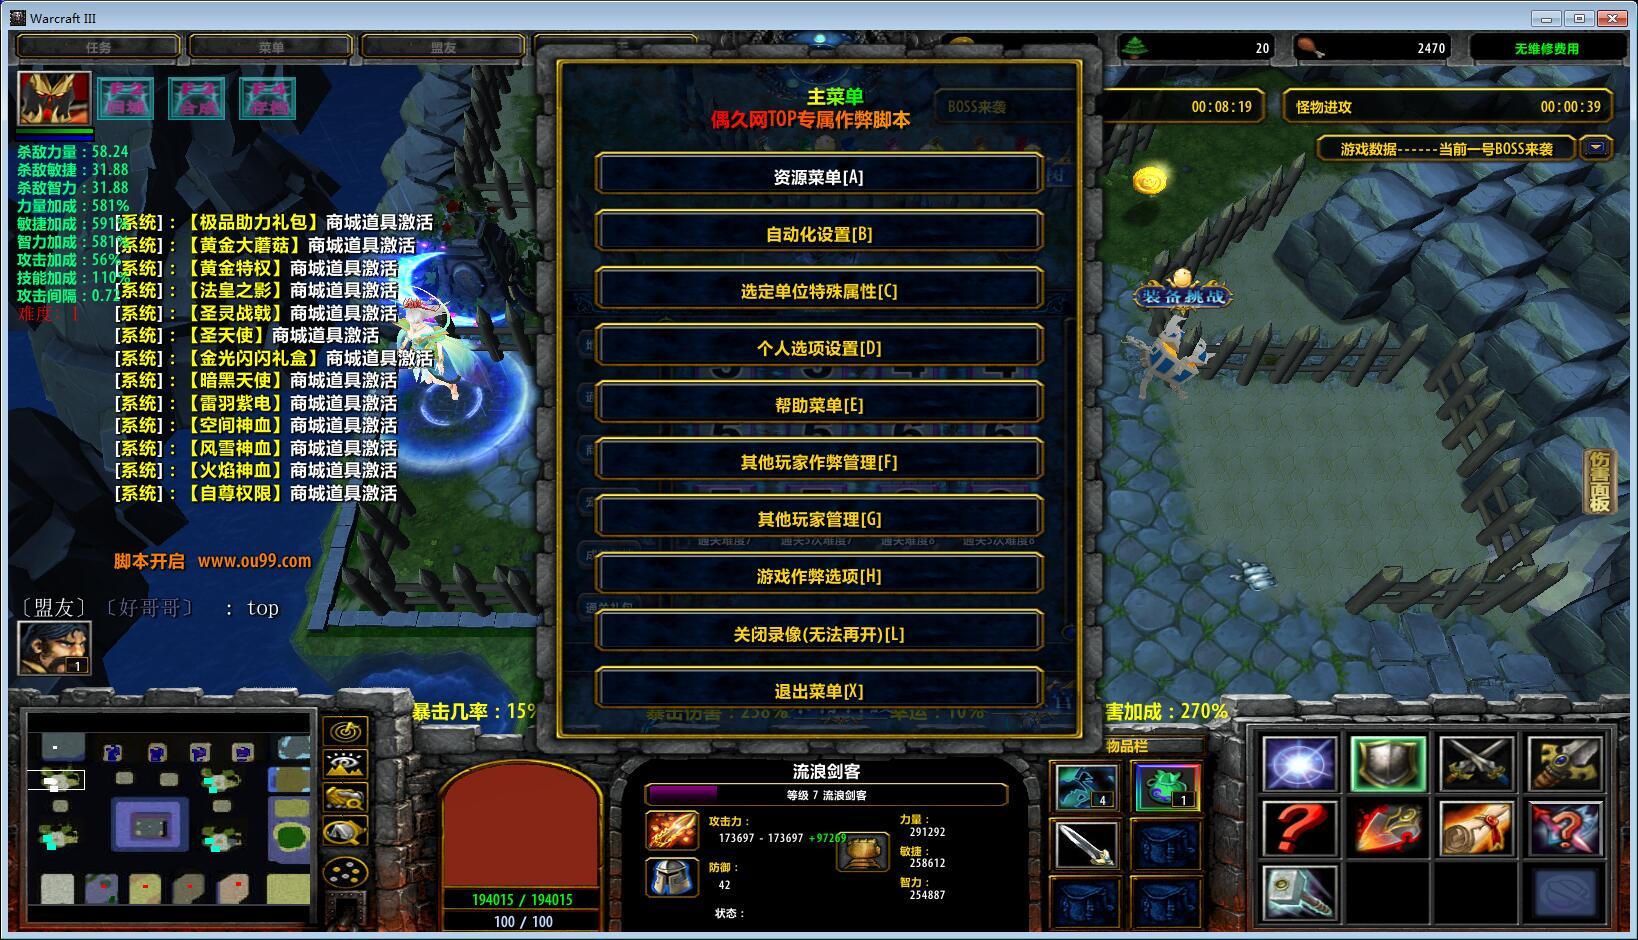 魔幻海II1.6.8破解版 全英雄自选+全商城特权+存档通关道具+饮血剑+刷物品全屏闪